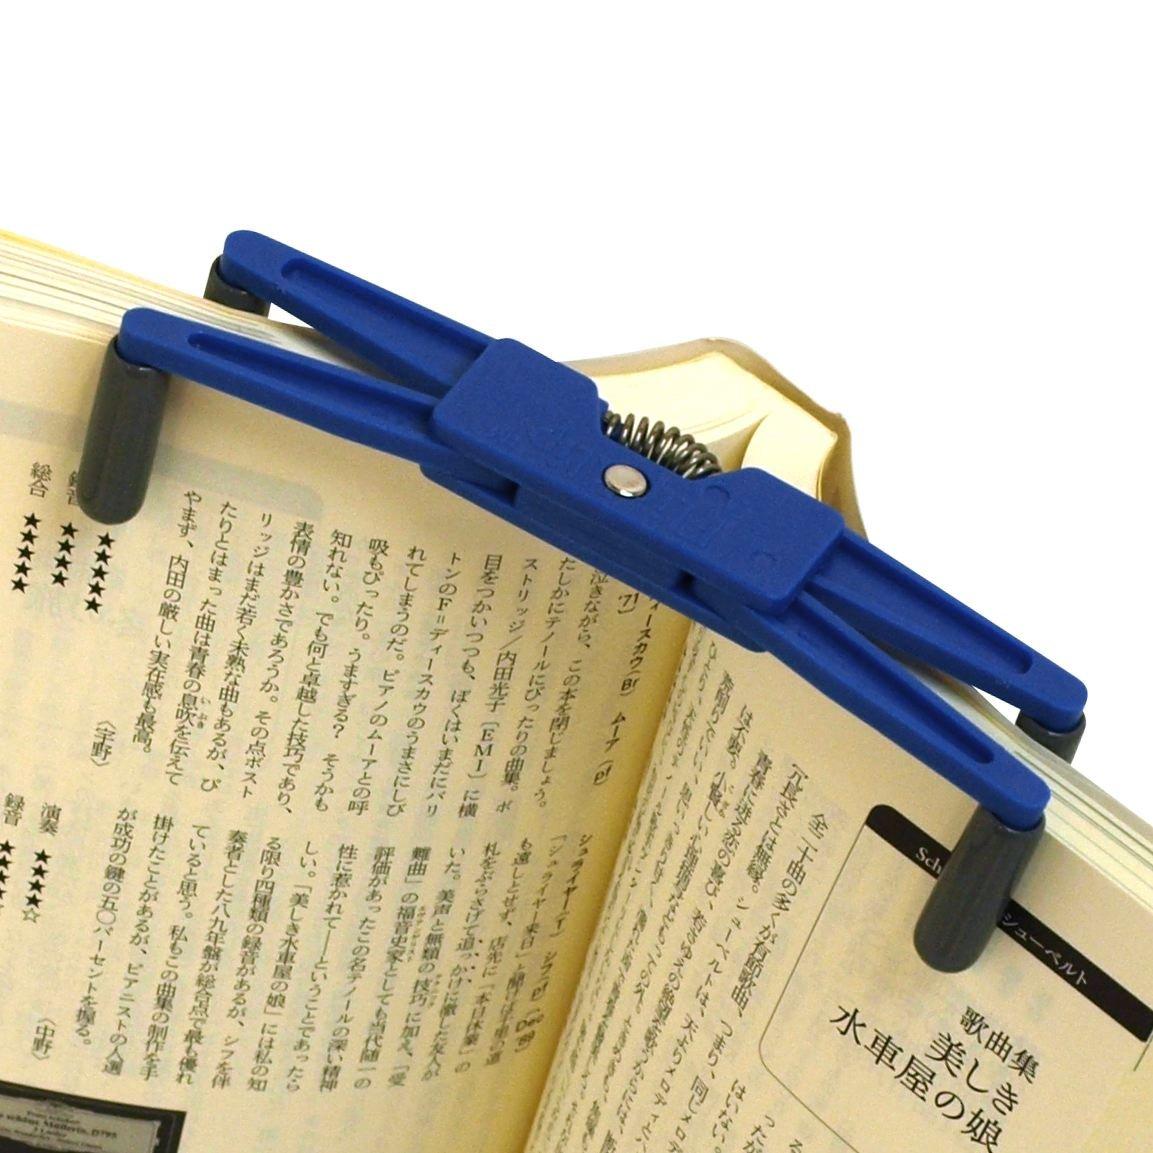 フリップ・クリップで本の上部を挟んでいる画像(Amazonから引用しています)